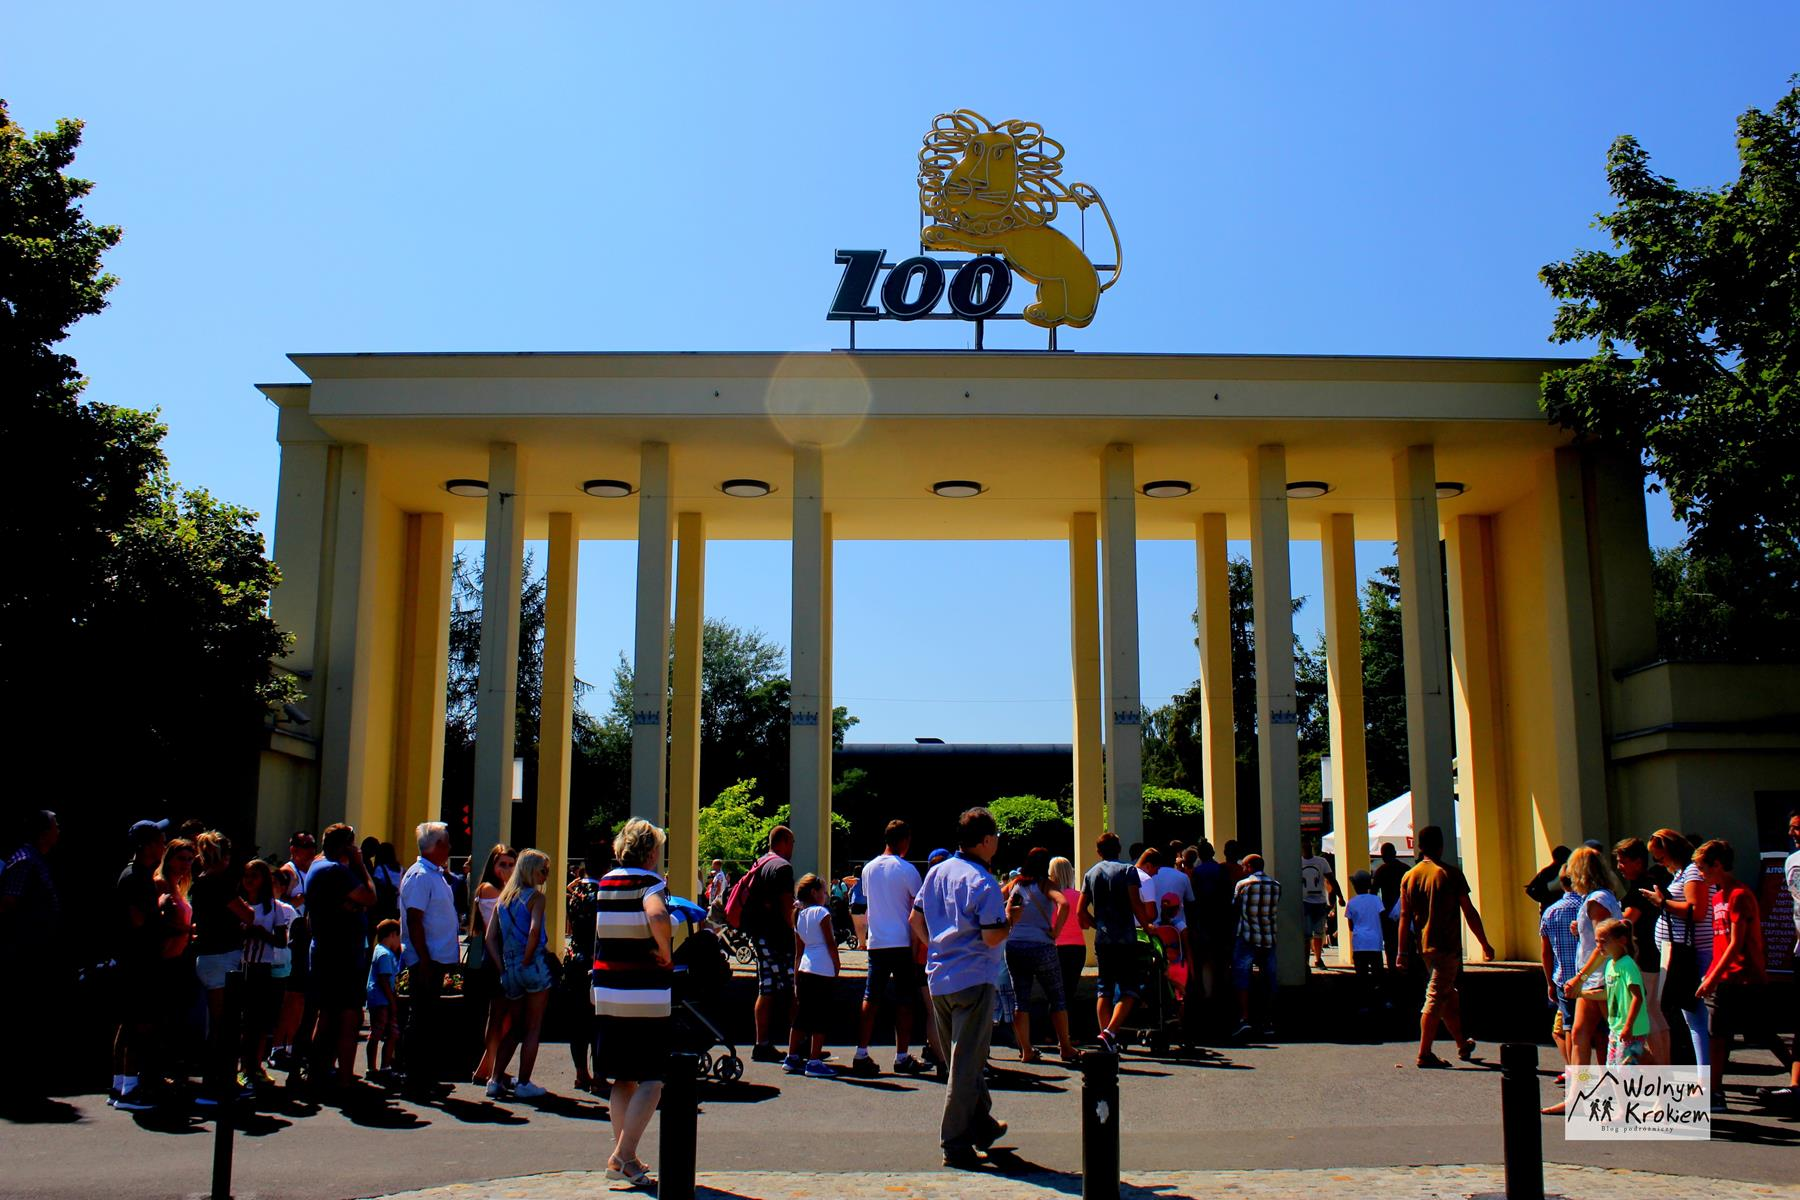 Najstarsze ZOO w Polsce - Zoo Wrocław